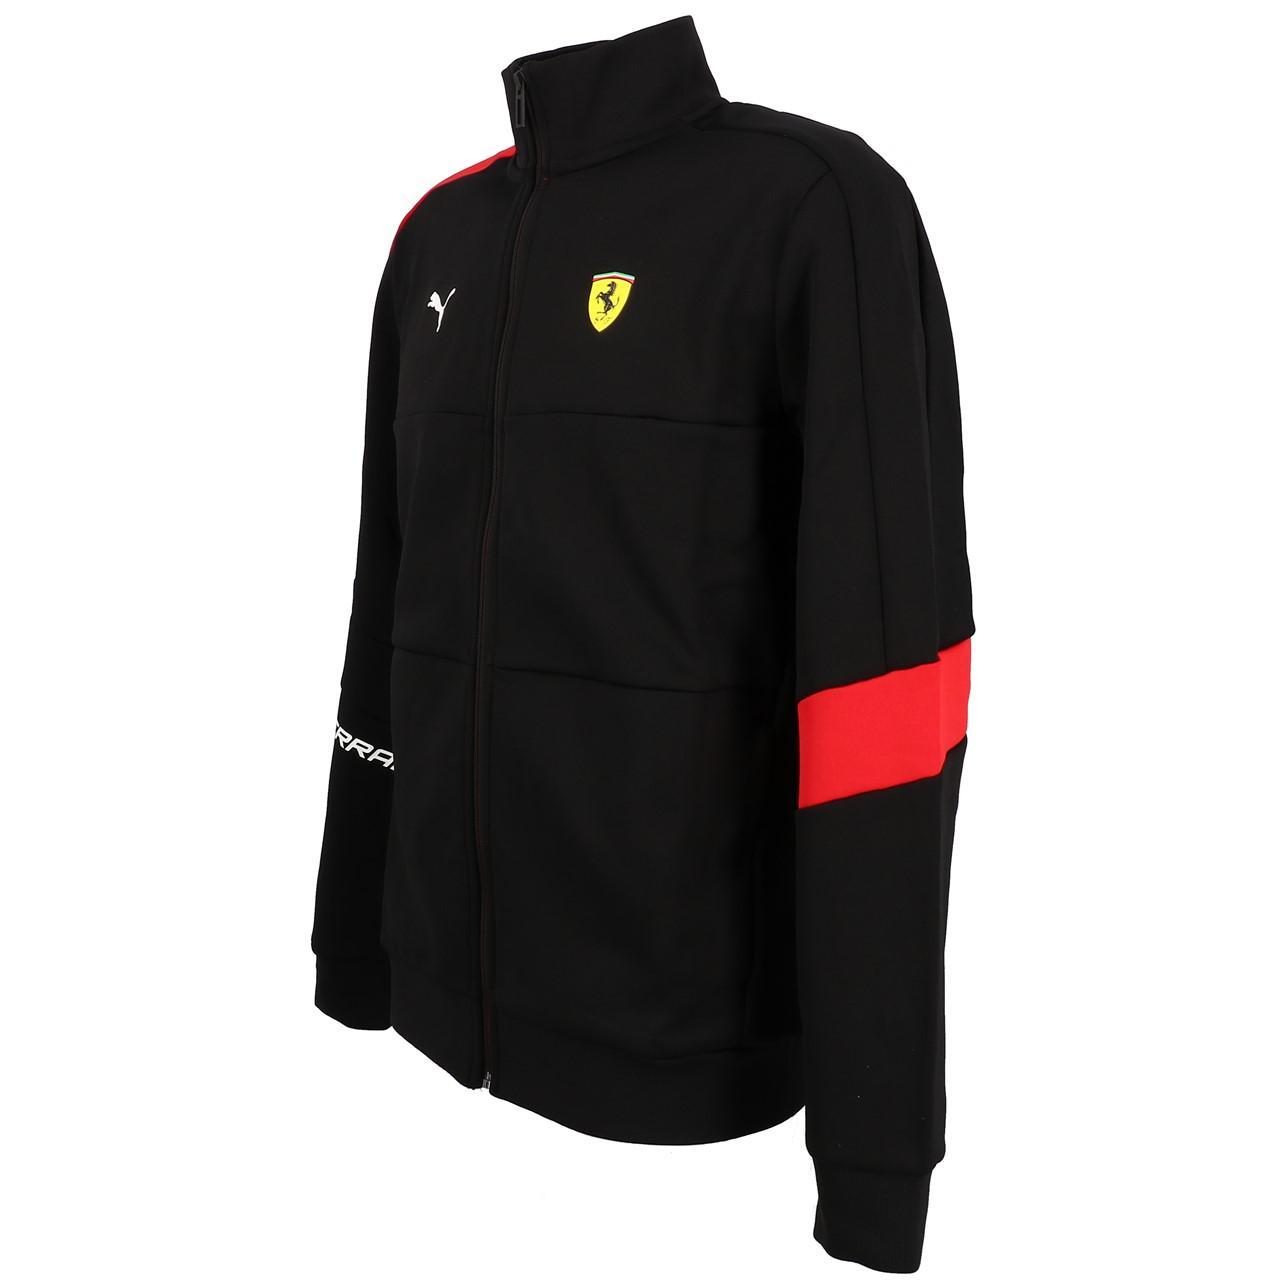 Sweatshirts-Jacken-mit-Reissverschluss-Puma-Sf-t7-Track-Schwarz-19723-Neu Indexbild 4